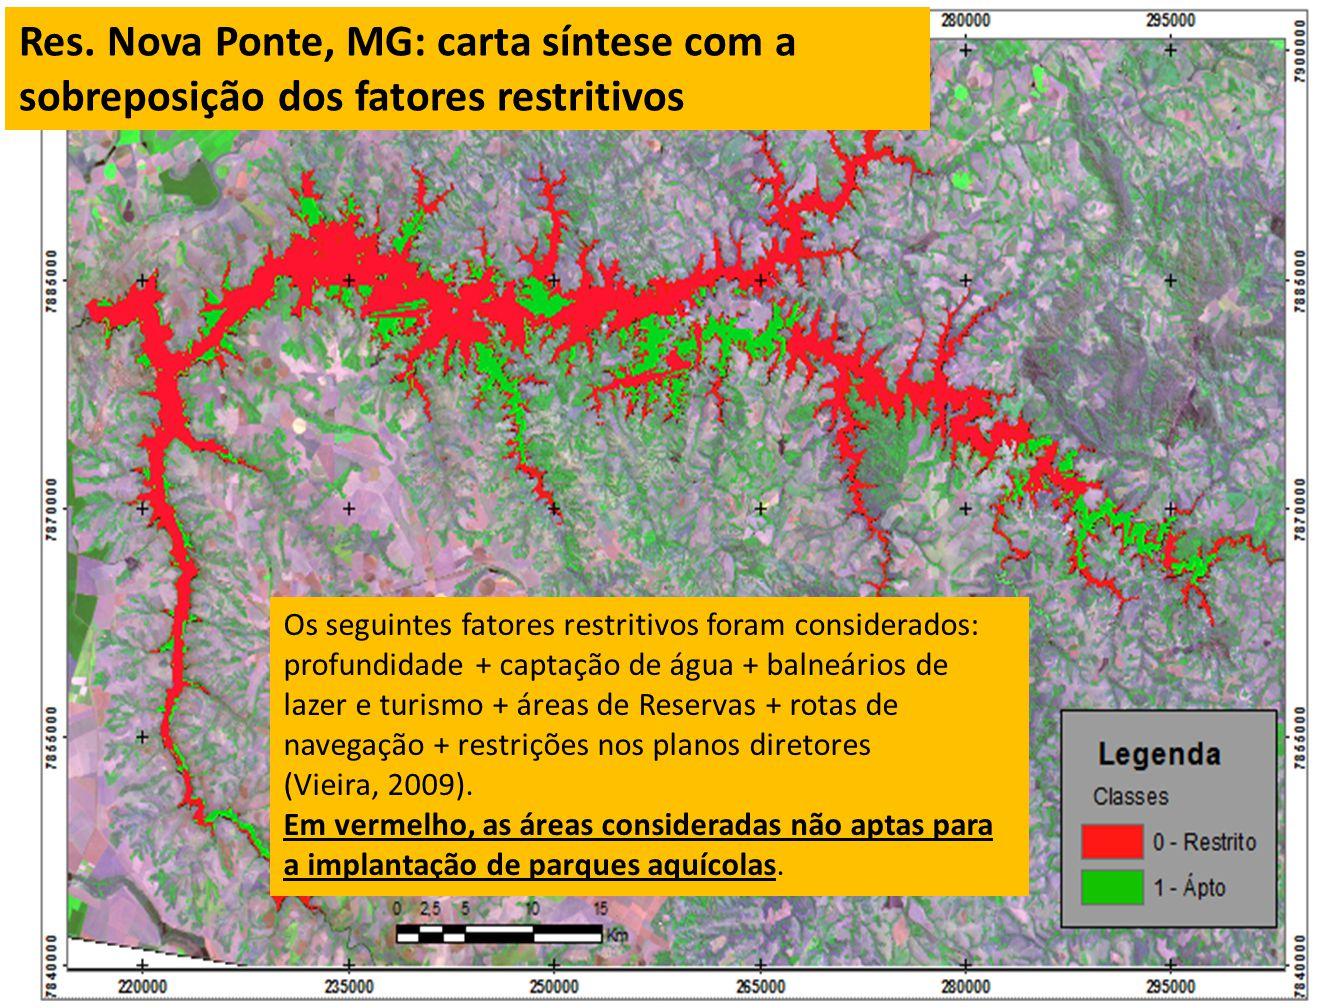 Os seguintes fatores restritivos foram considerados: profundidade + captação de água + balneários de lazer e turismo + áreas de Reservas + rotas de na